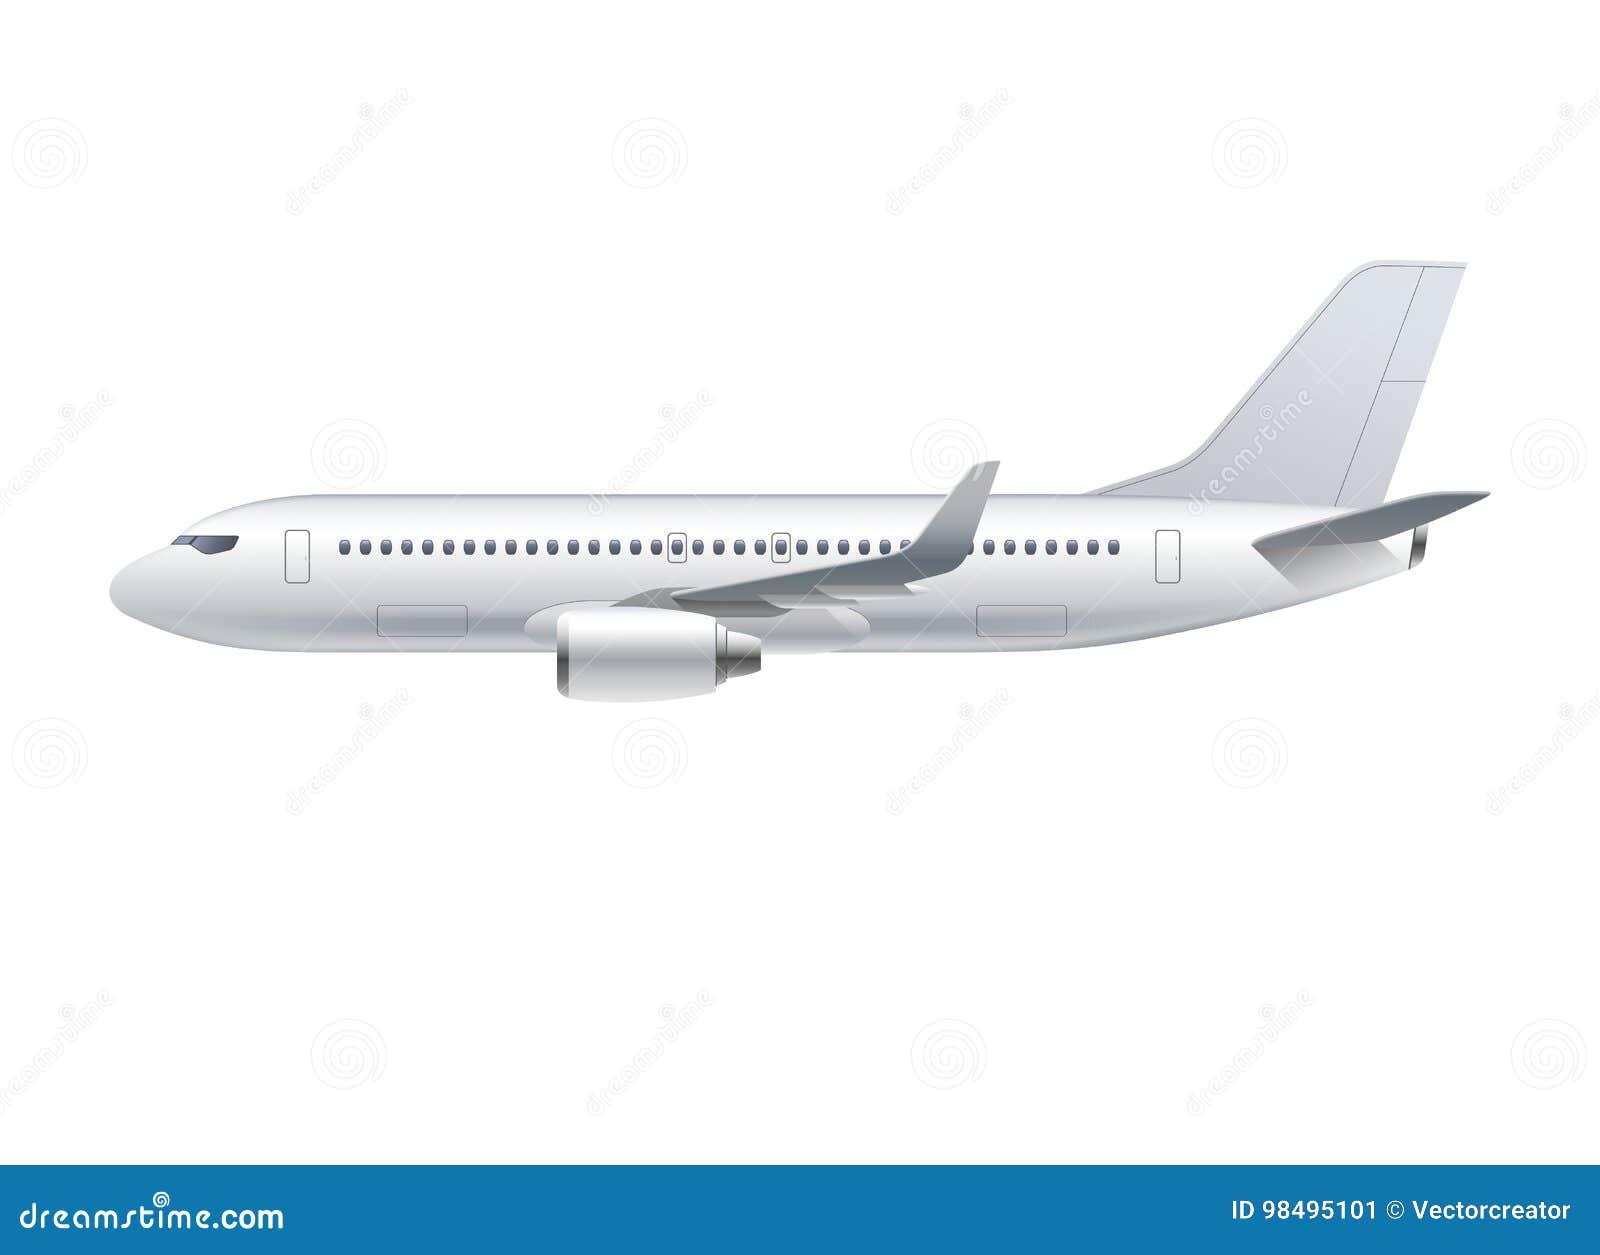 Aeroplano Del Vuelo, Avión De Jet, Avión De Pasajeros Ilustración ...